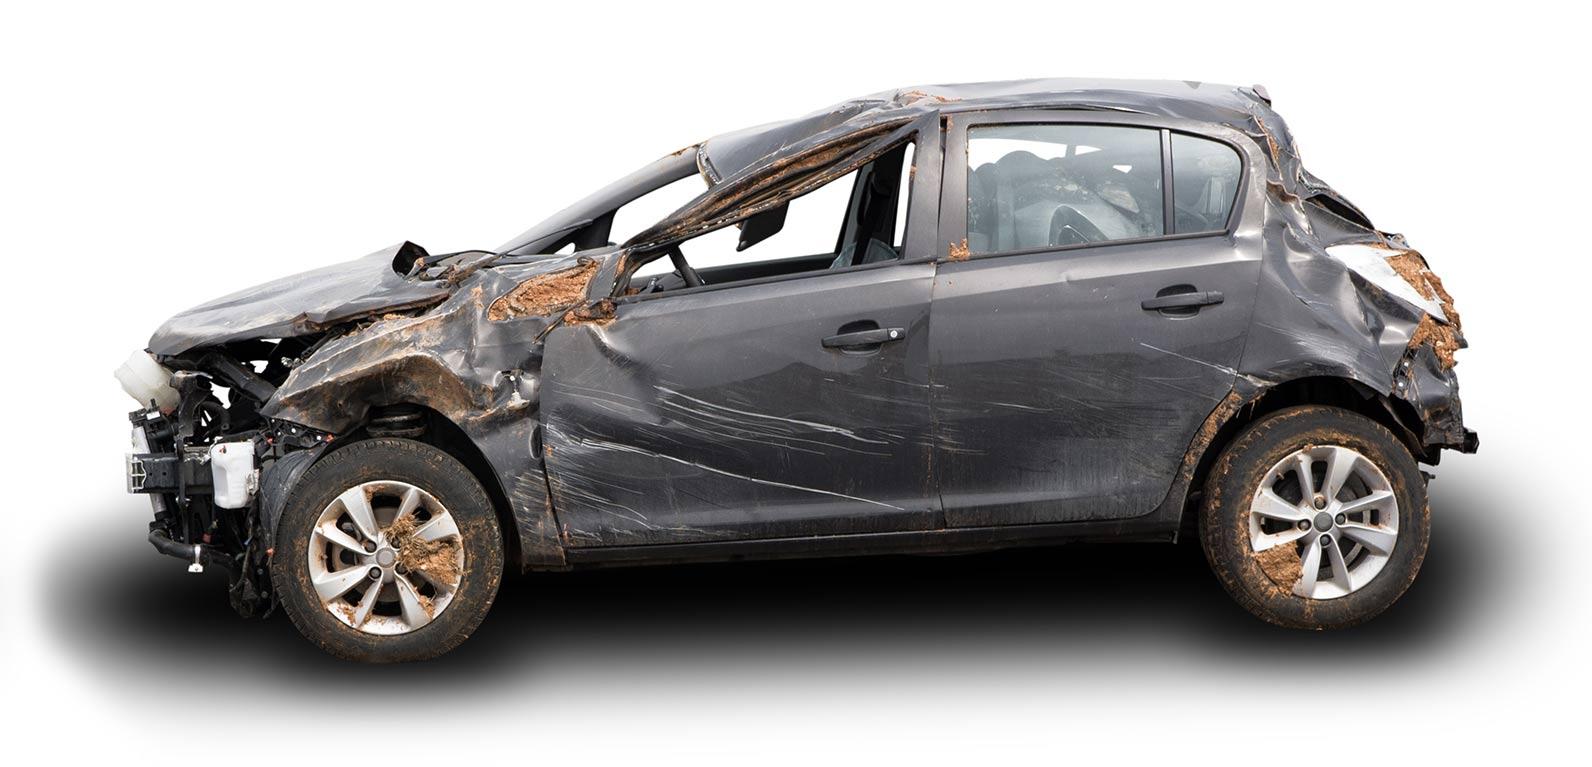 Gap Insurance Claim